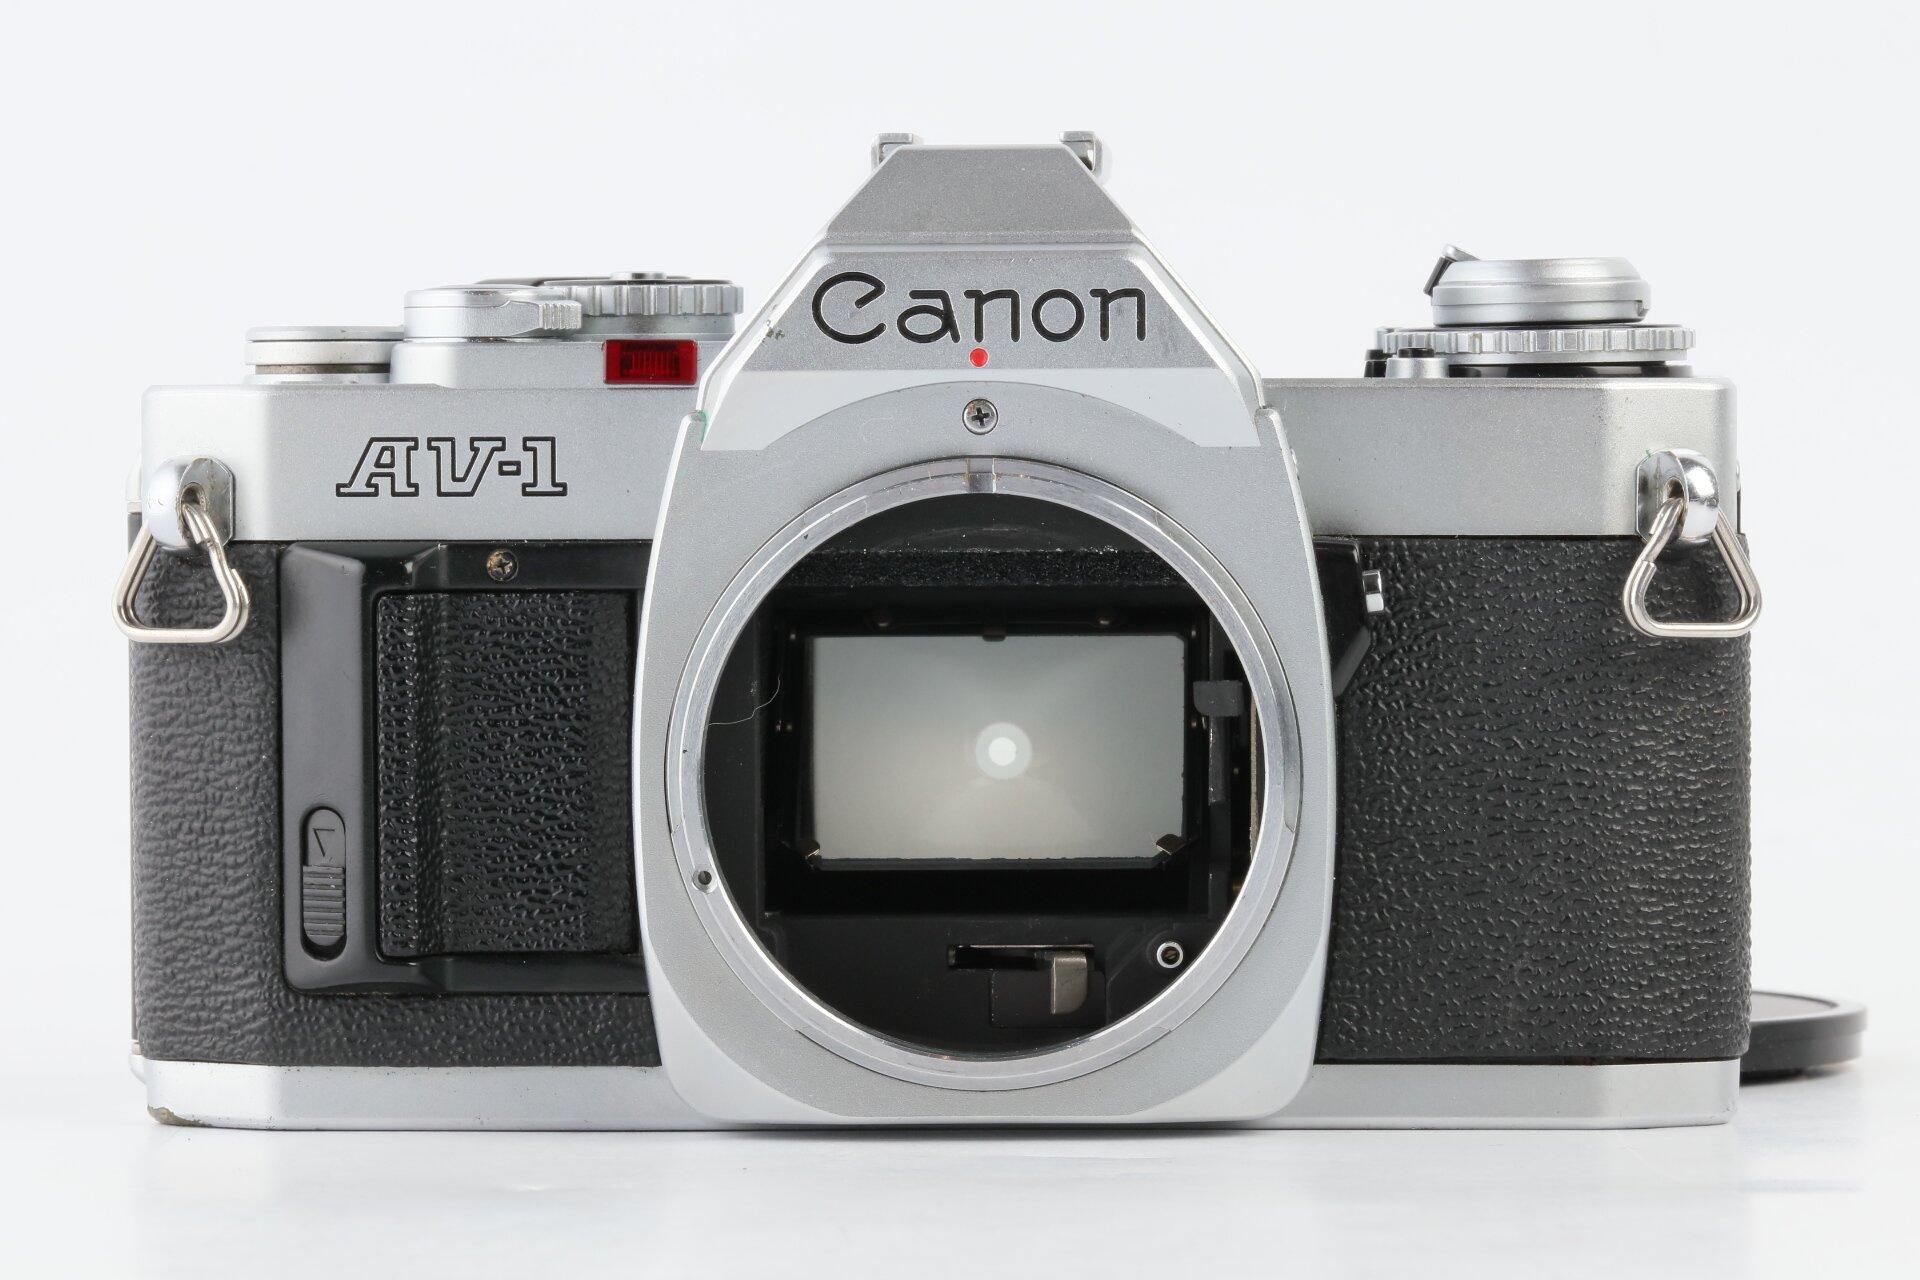 Canon AV-1 chrom Gehäuse